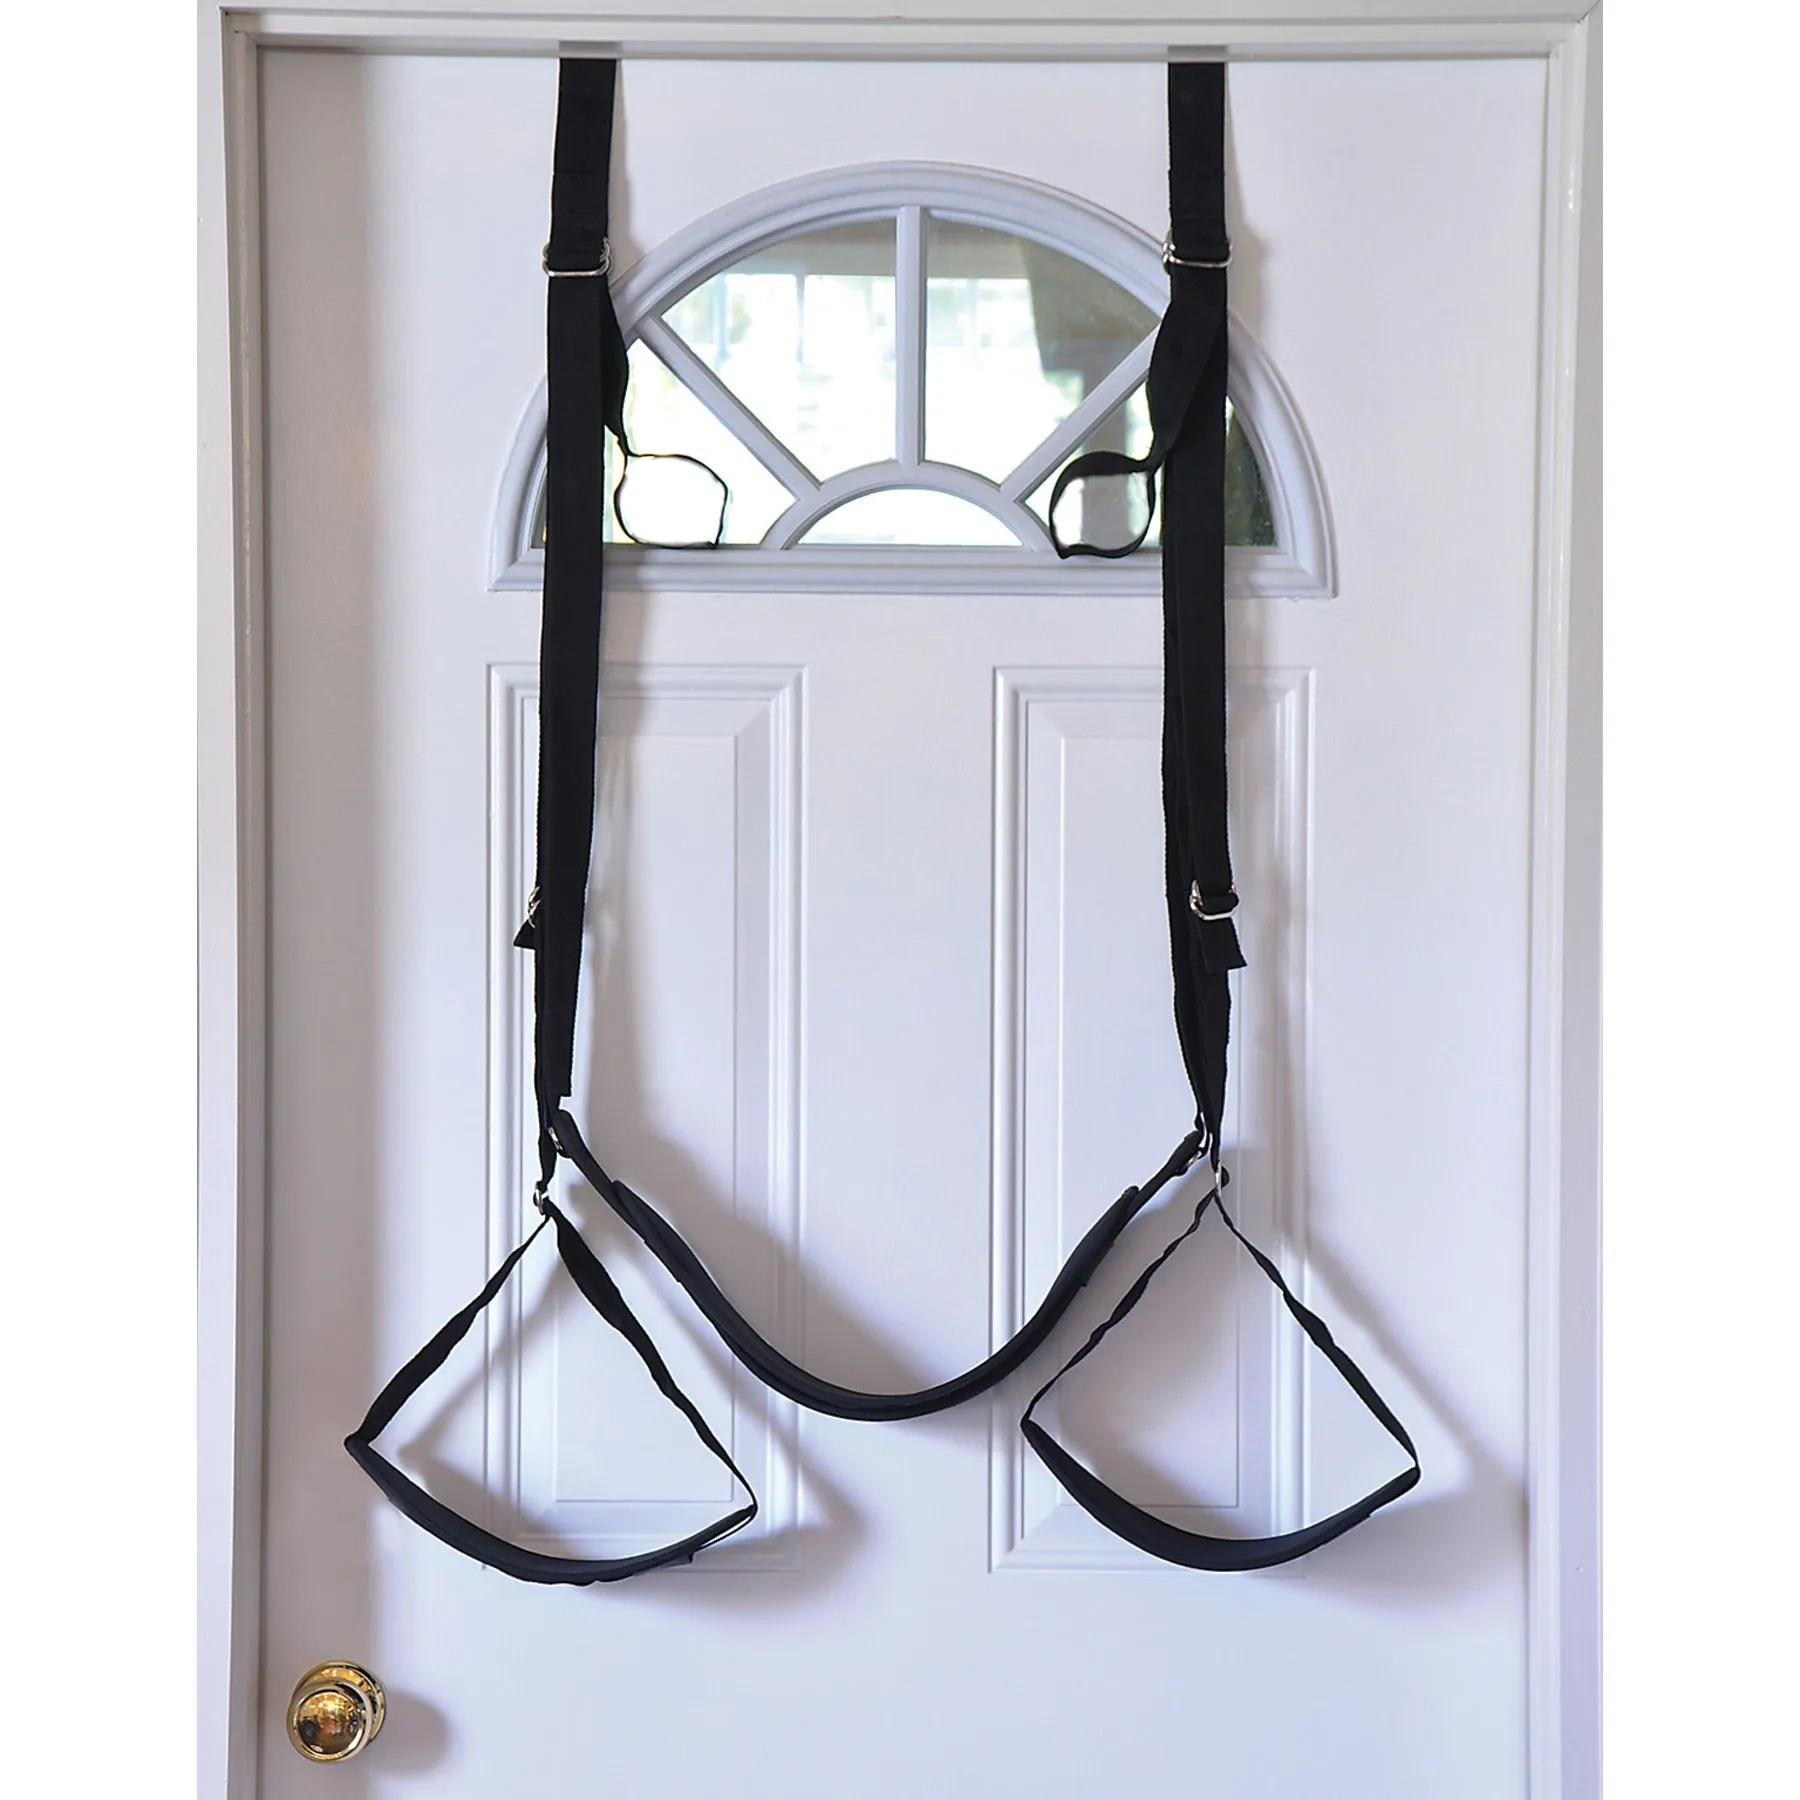 Adam & Eve Naughty Couples Door Swing hanging on door